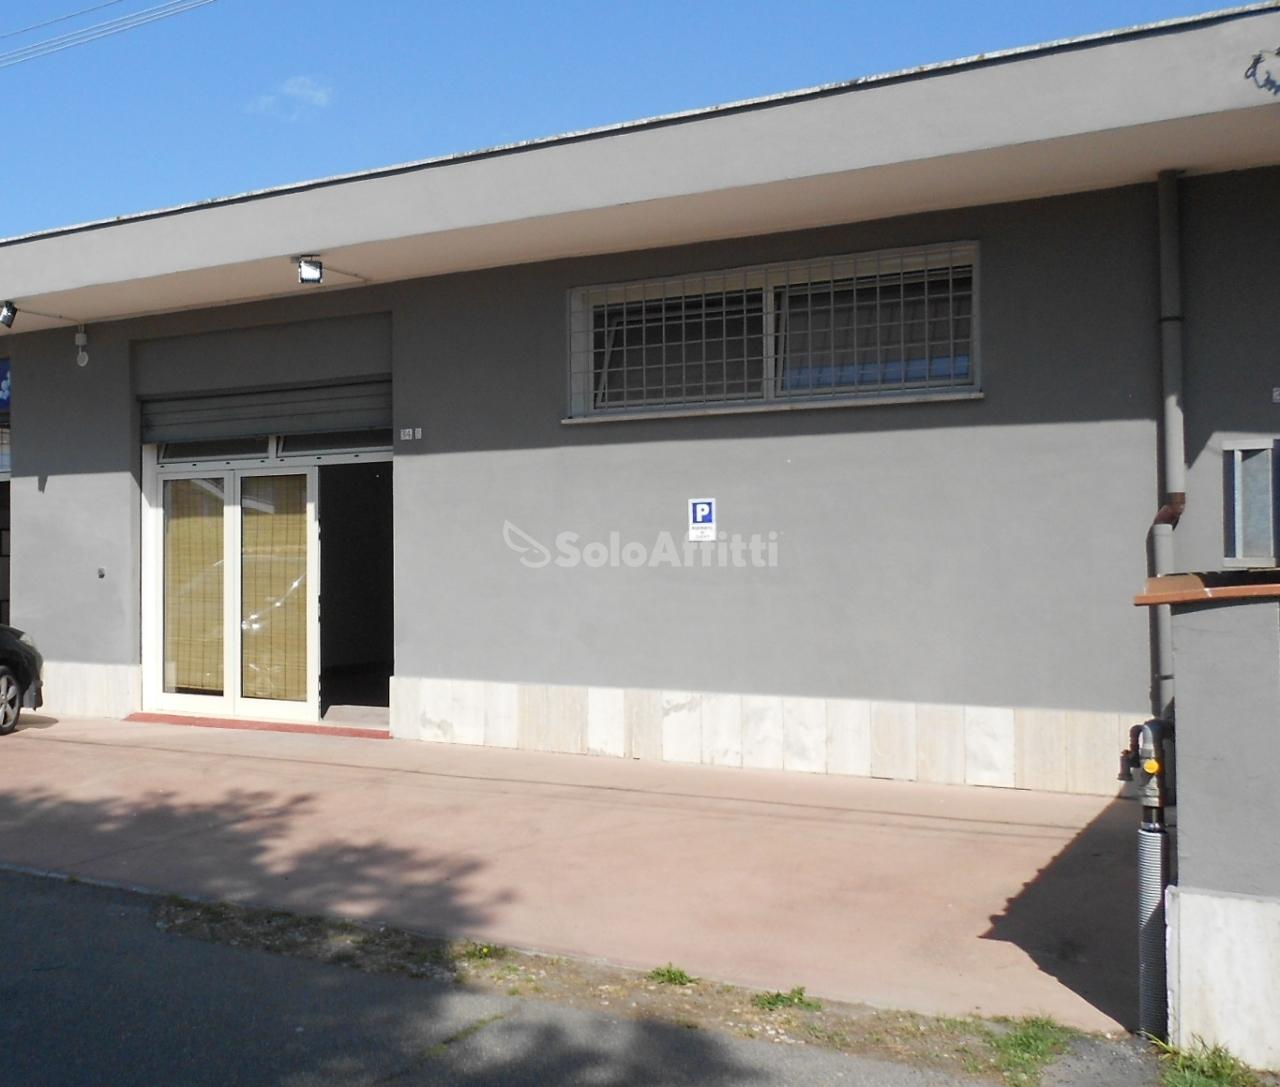 Fiumicino - Isaol Sacra, negozio